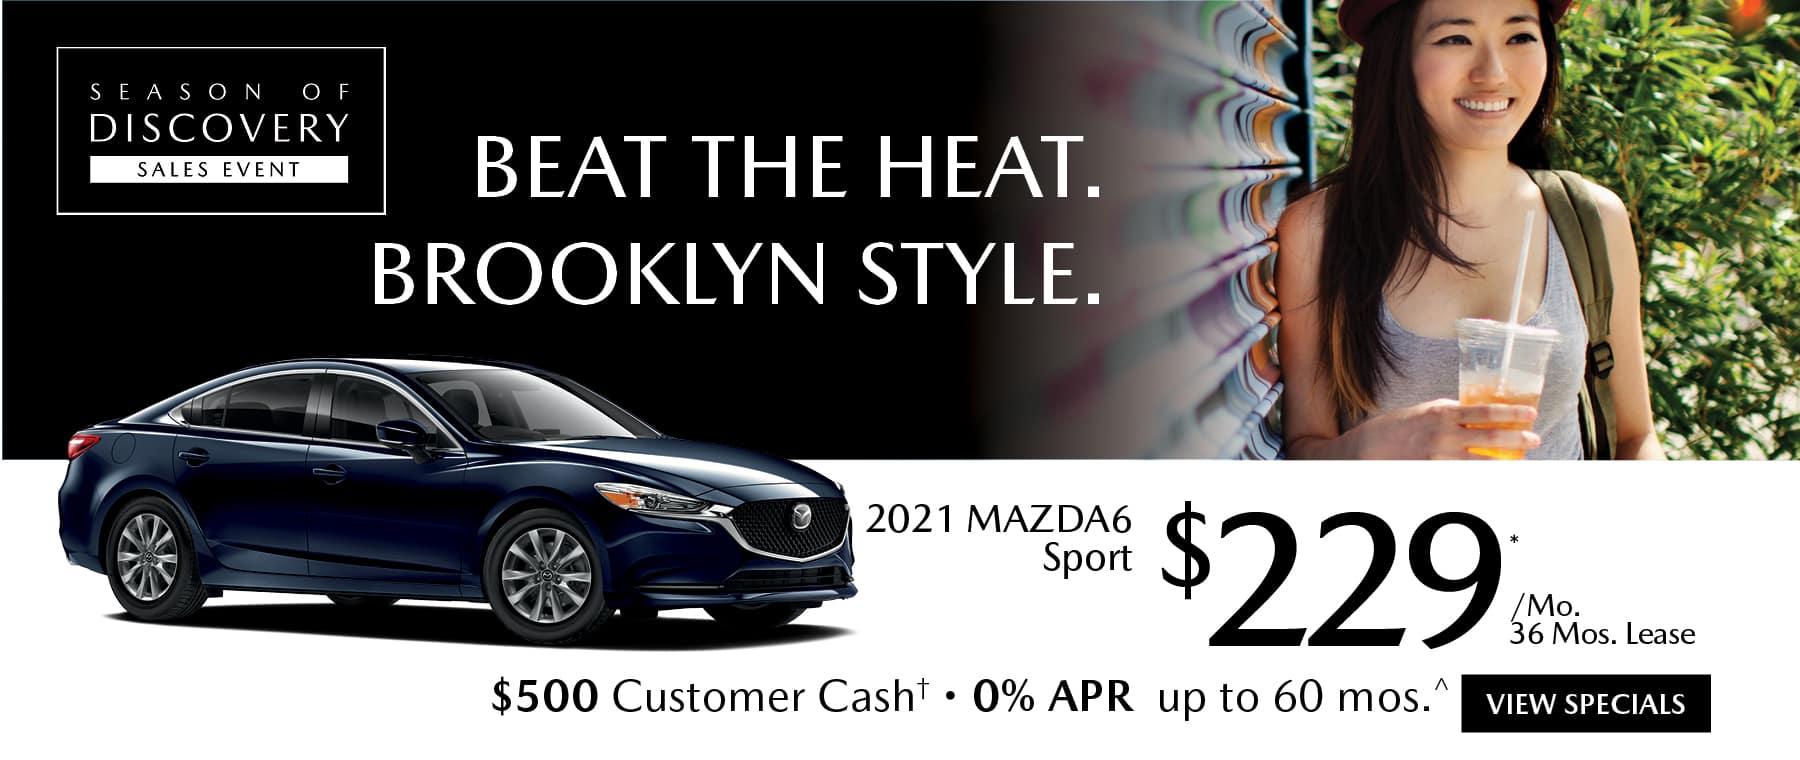 BRMA-1491 Beat Heat 1800x760_Mazda6_Sport